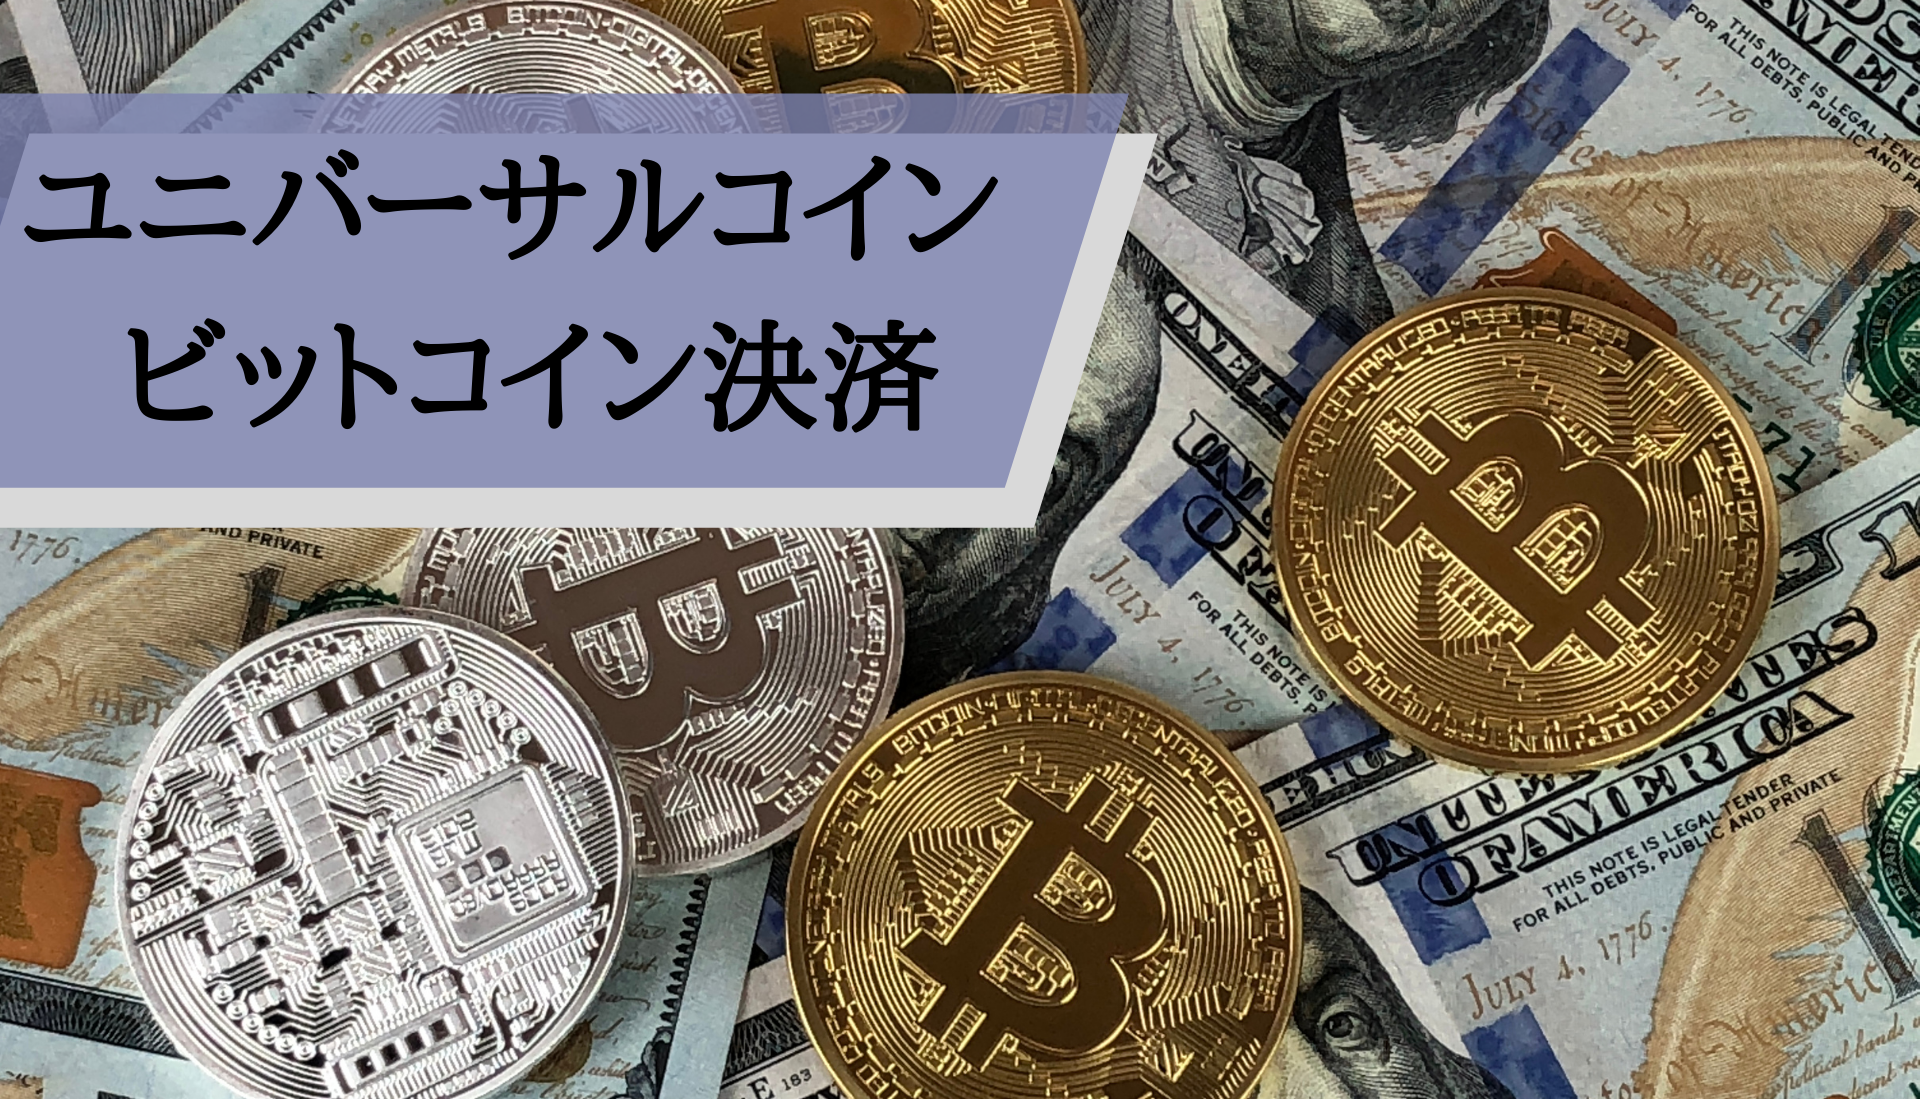 ユニバーサルコイン評判_ビットコイン